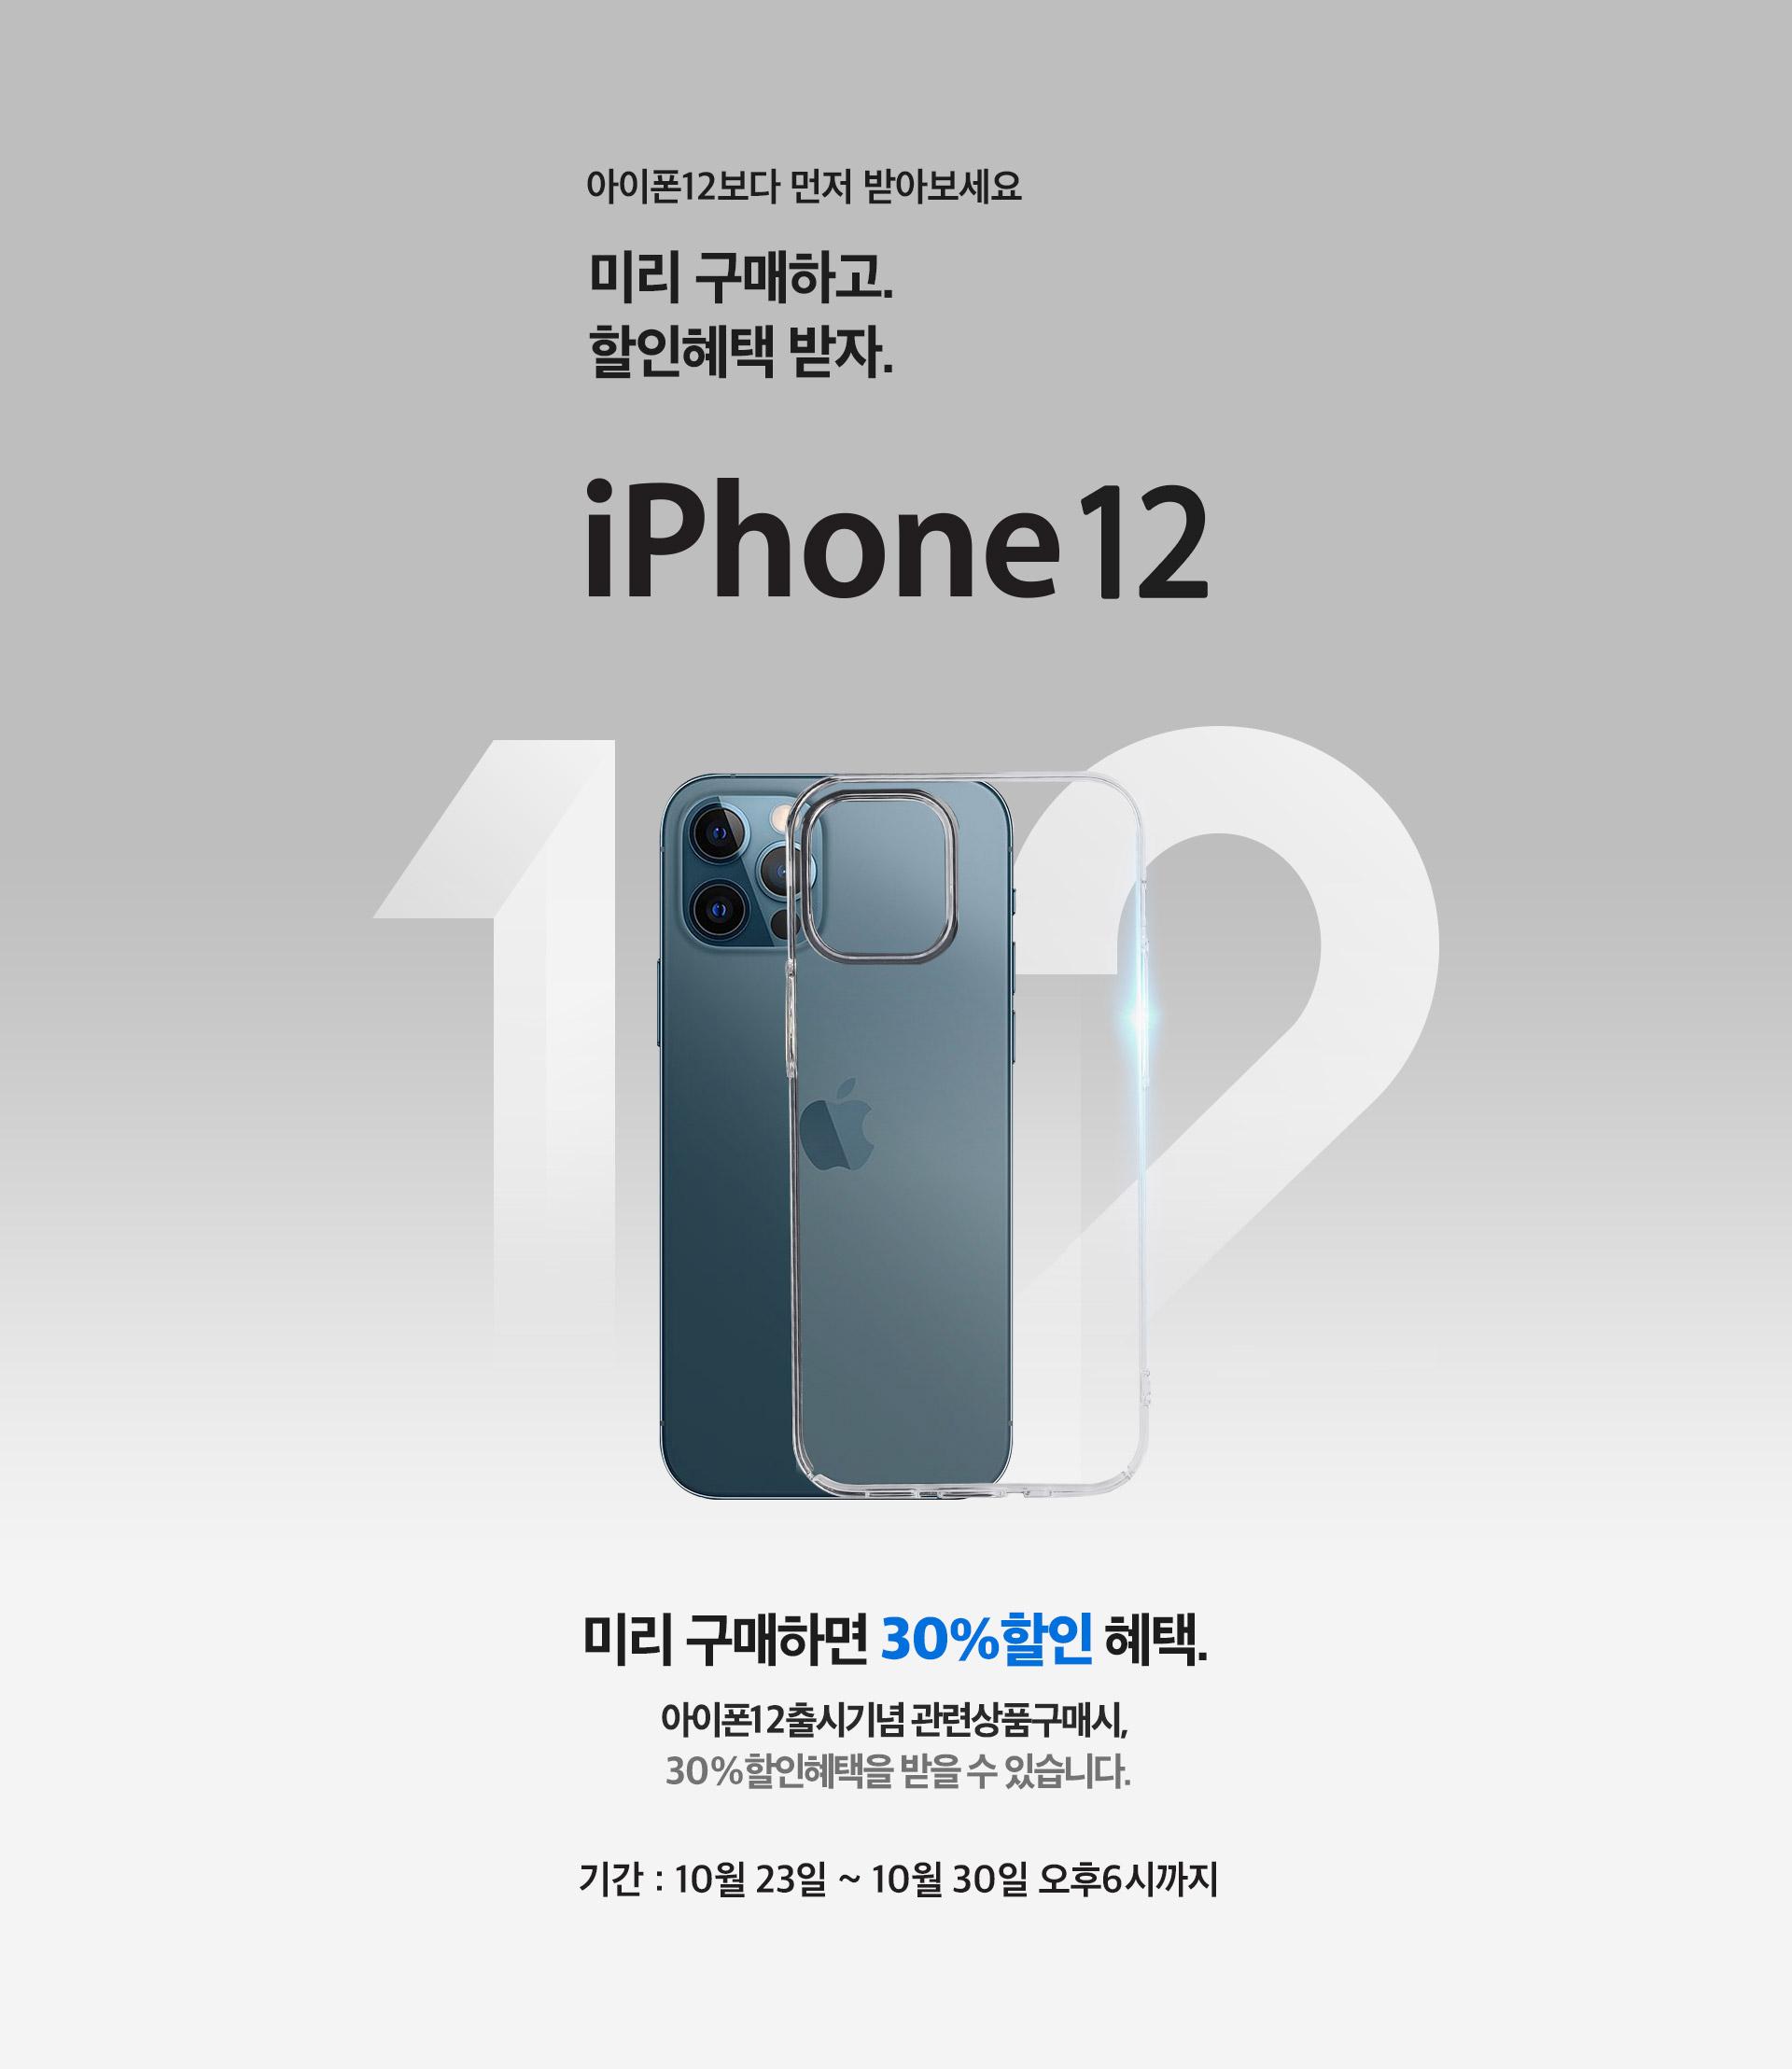 아이폰12 이벤트